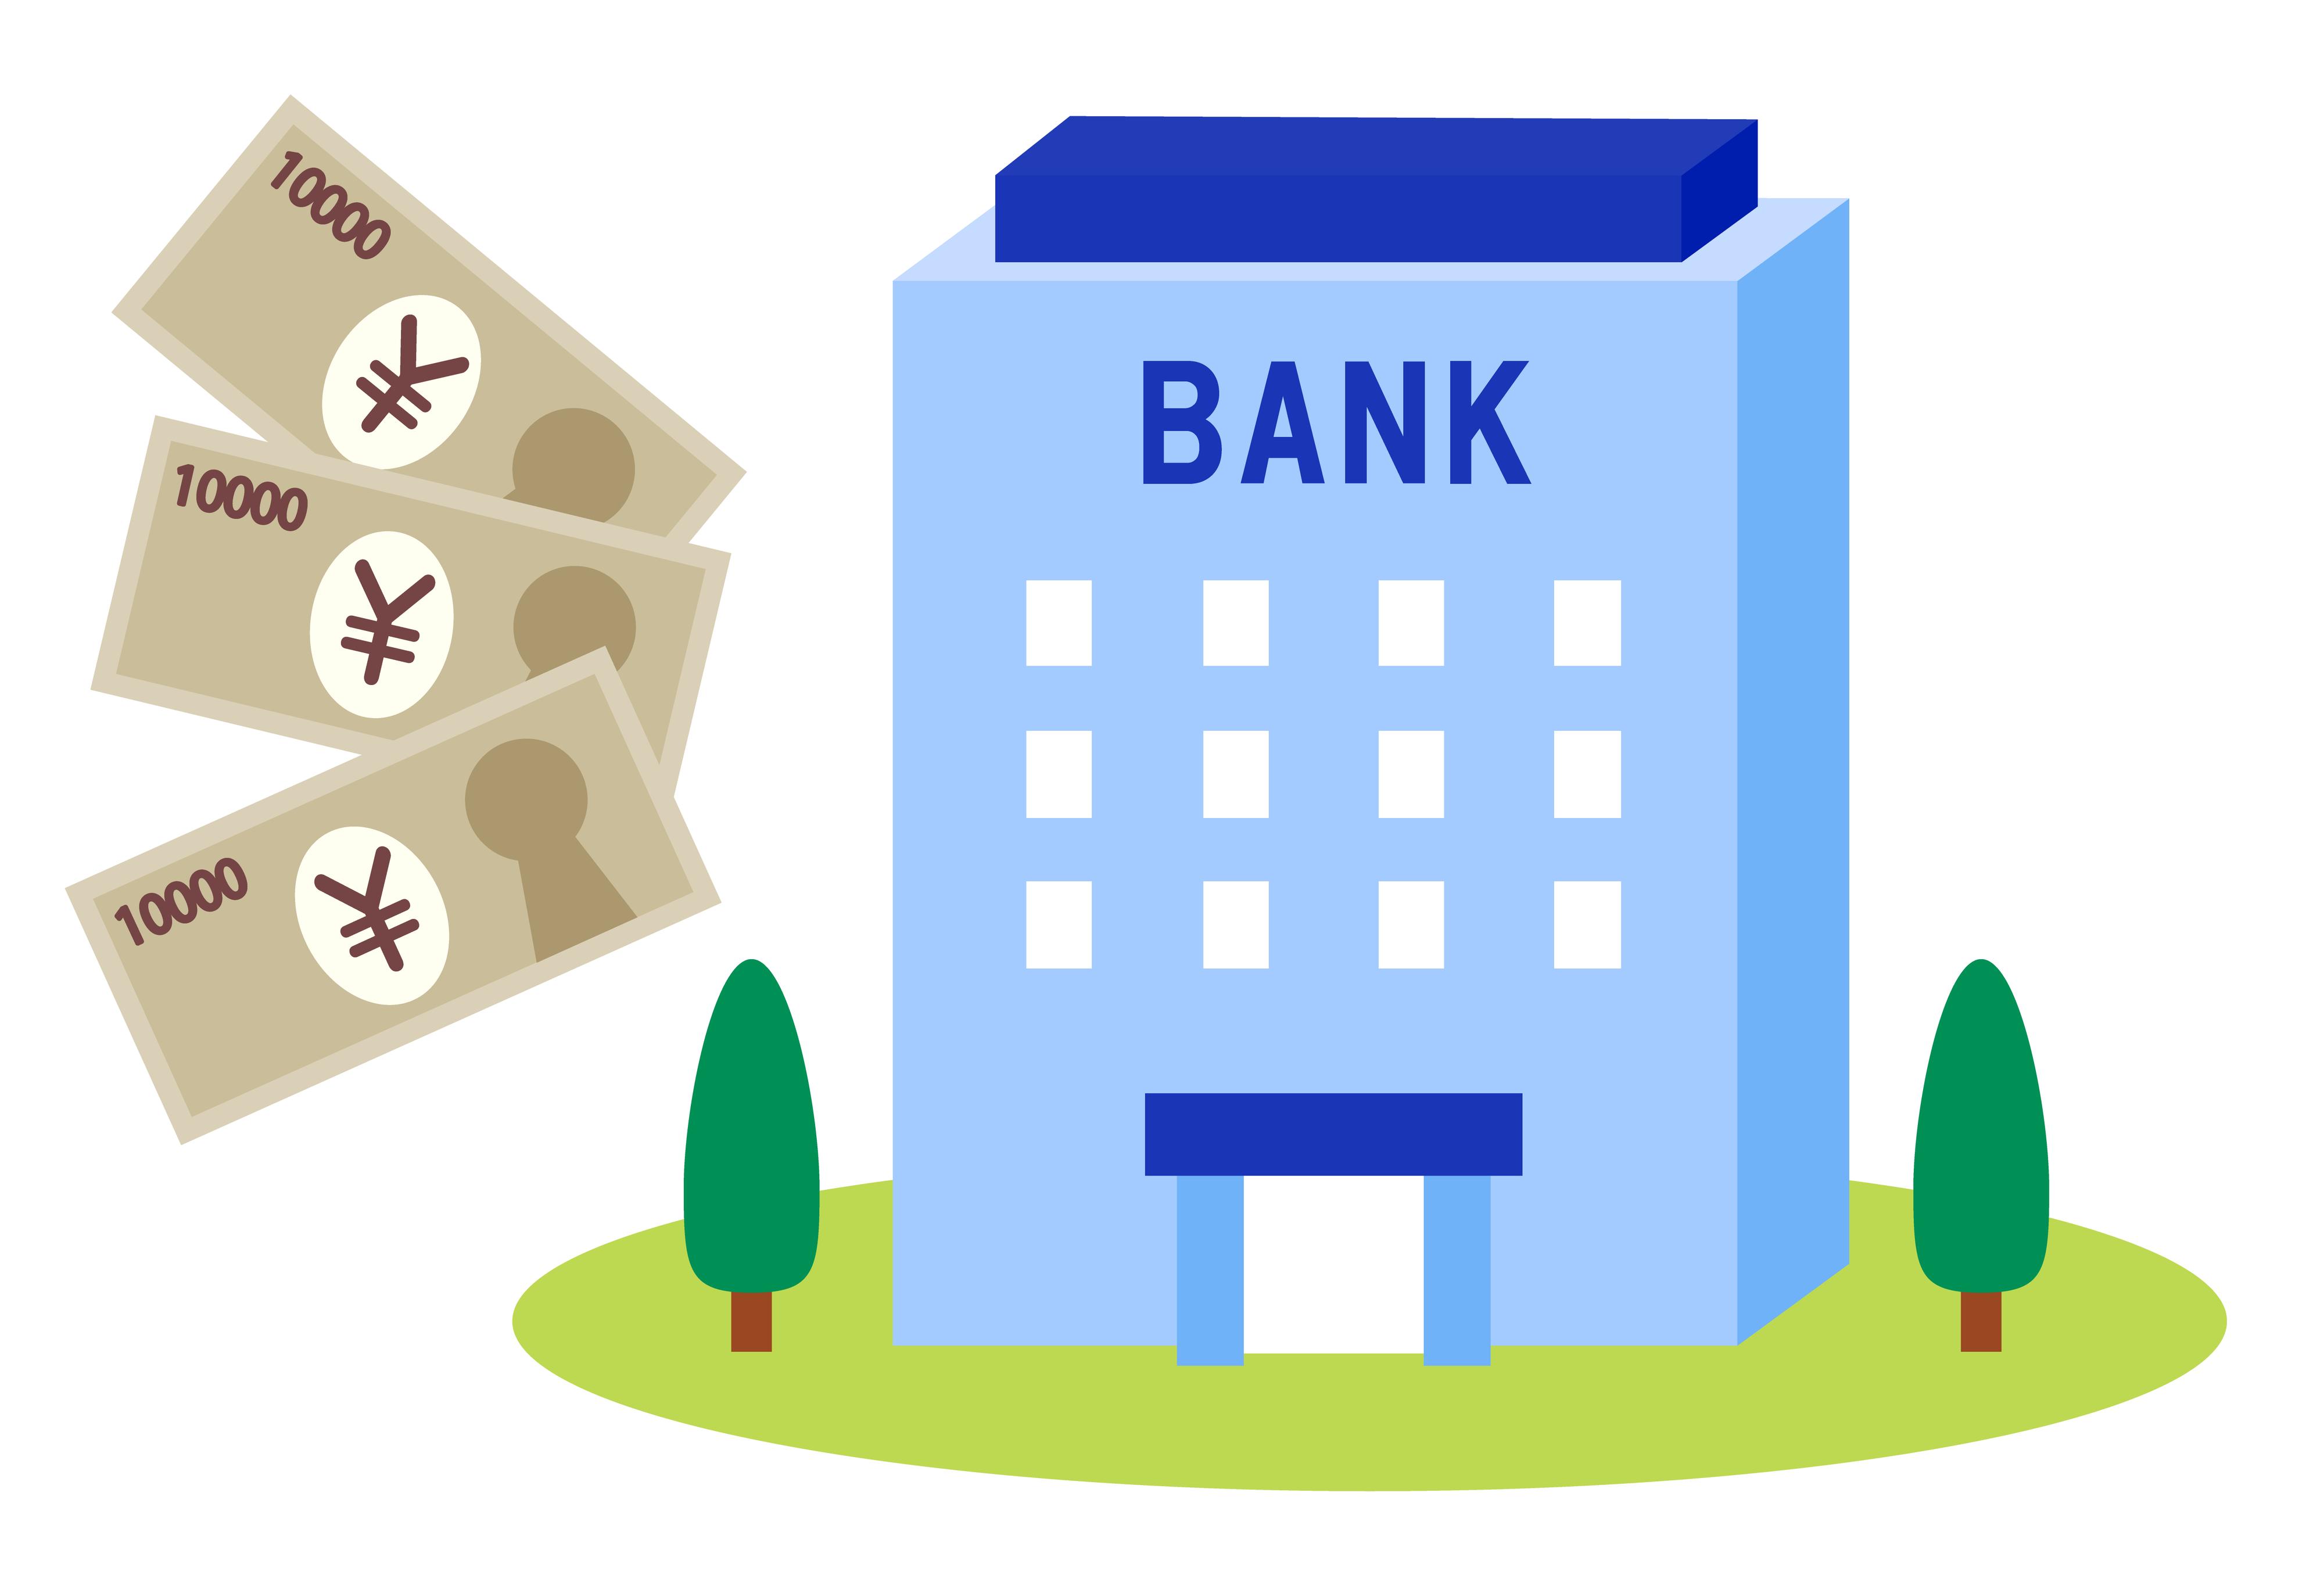 銀行借入はAI融資に負けてしまうのか?フィンテック融資の問題点【2019年最新ビジネスニュース】